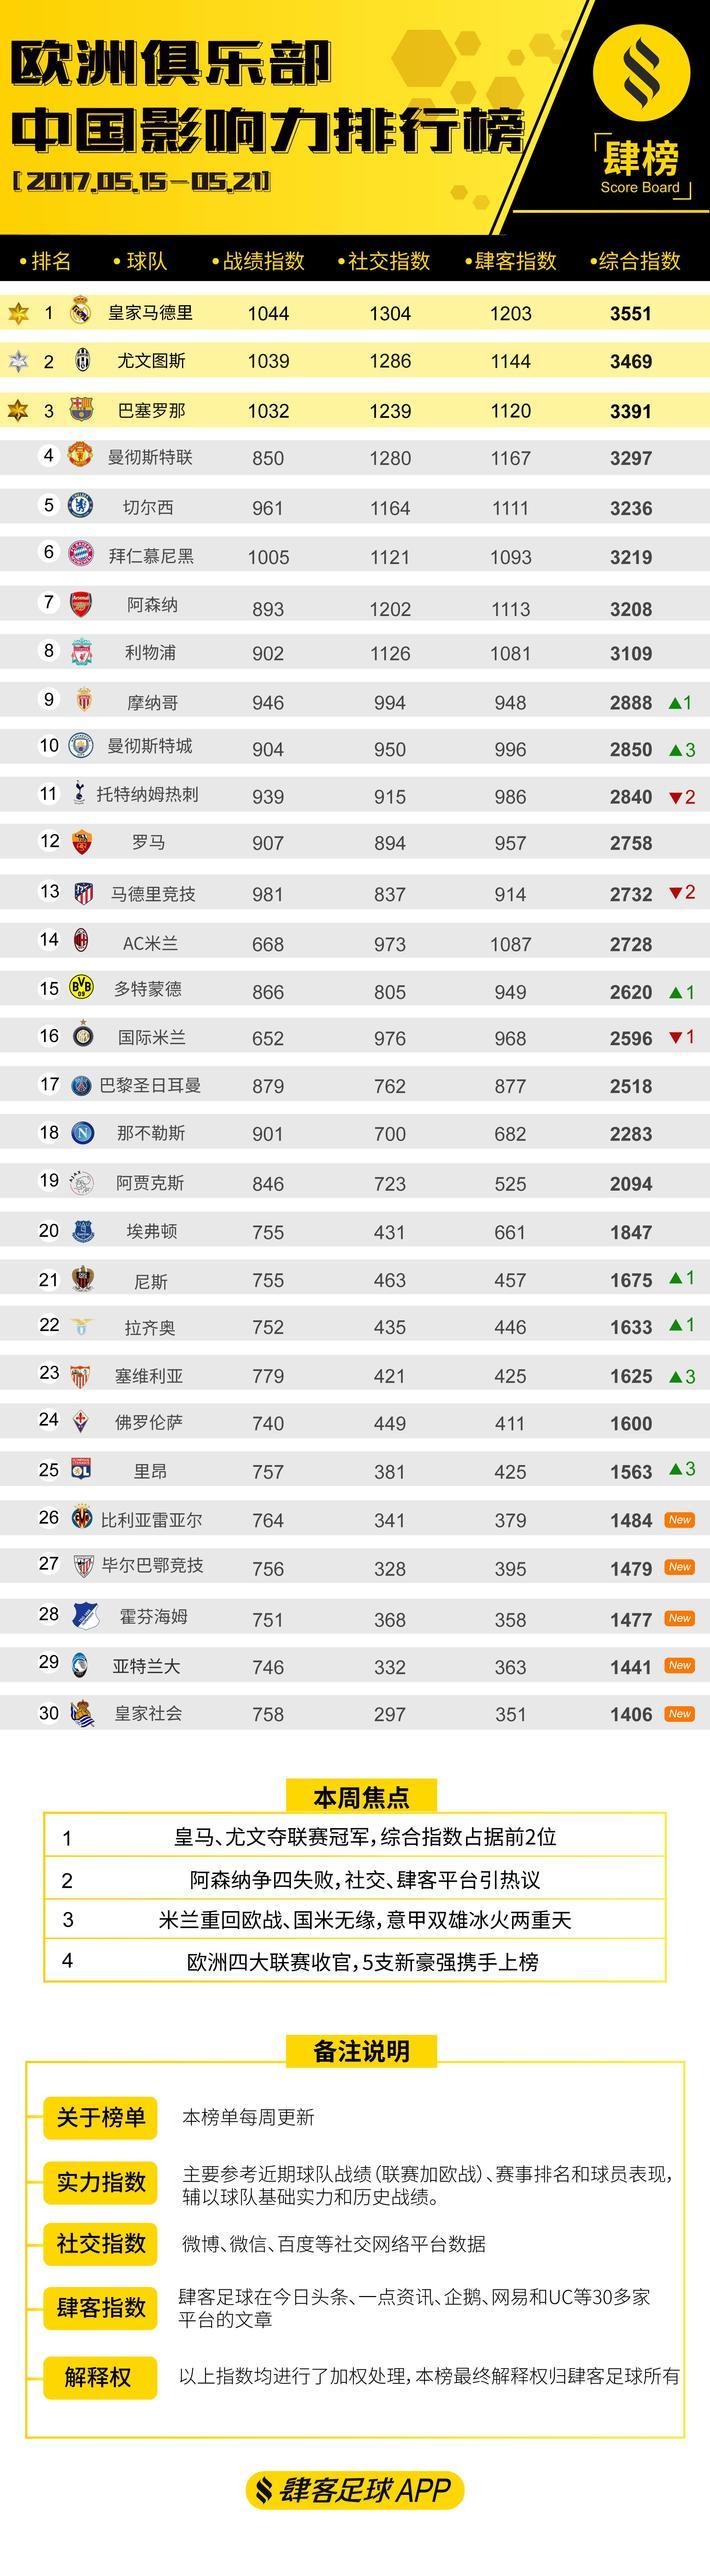 肆榜第7期-欧洲俱乐部中国影响力排行榜